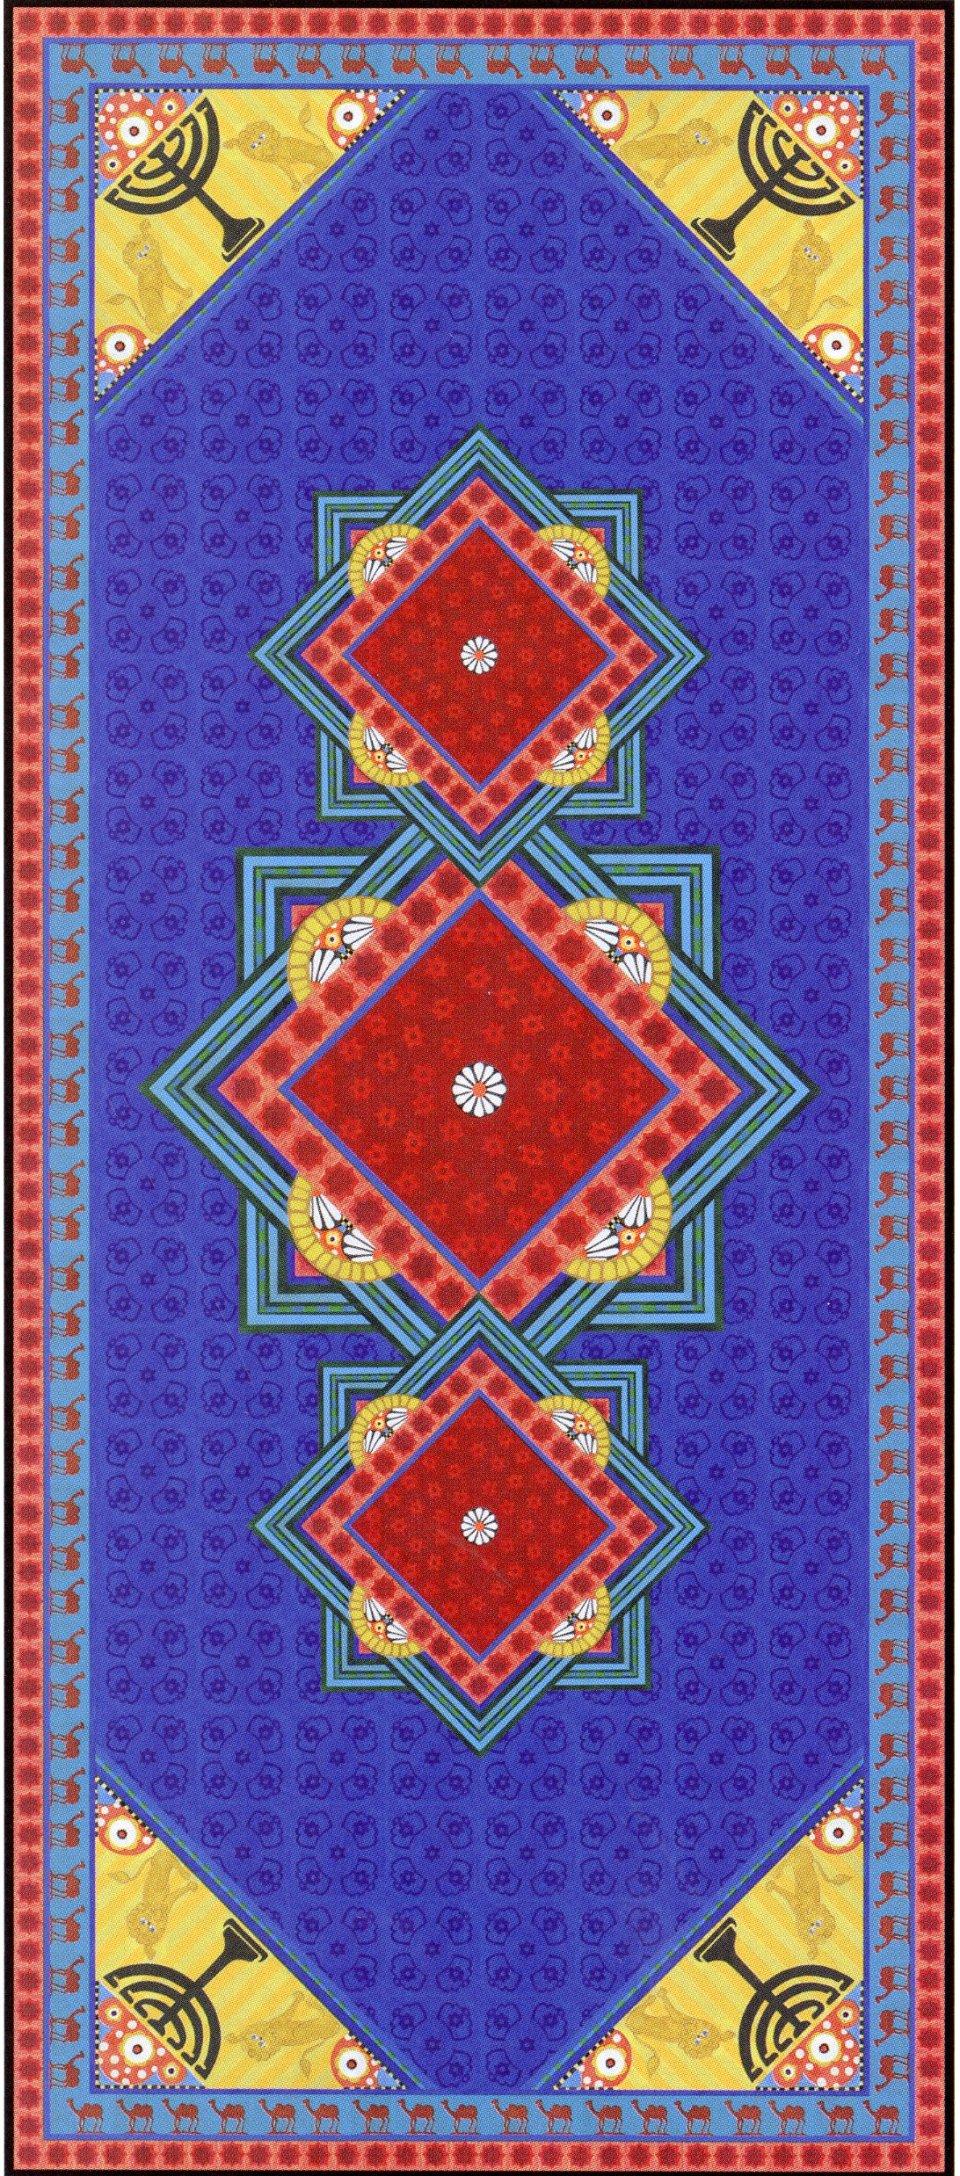 הדפס על לינולאום אליהו אריק בוקובזה השטיח 2014 קטלוג מרבדים מדברים